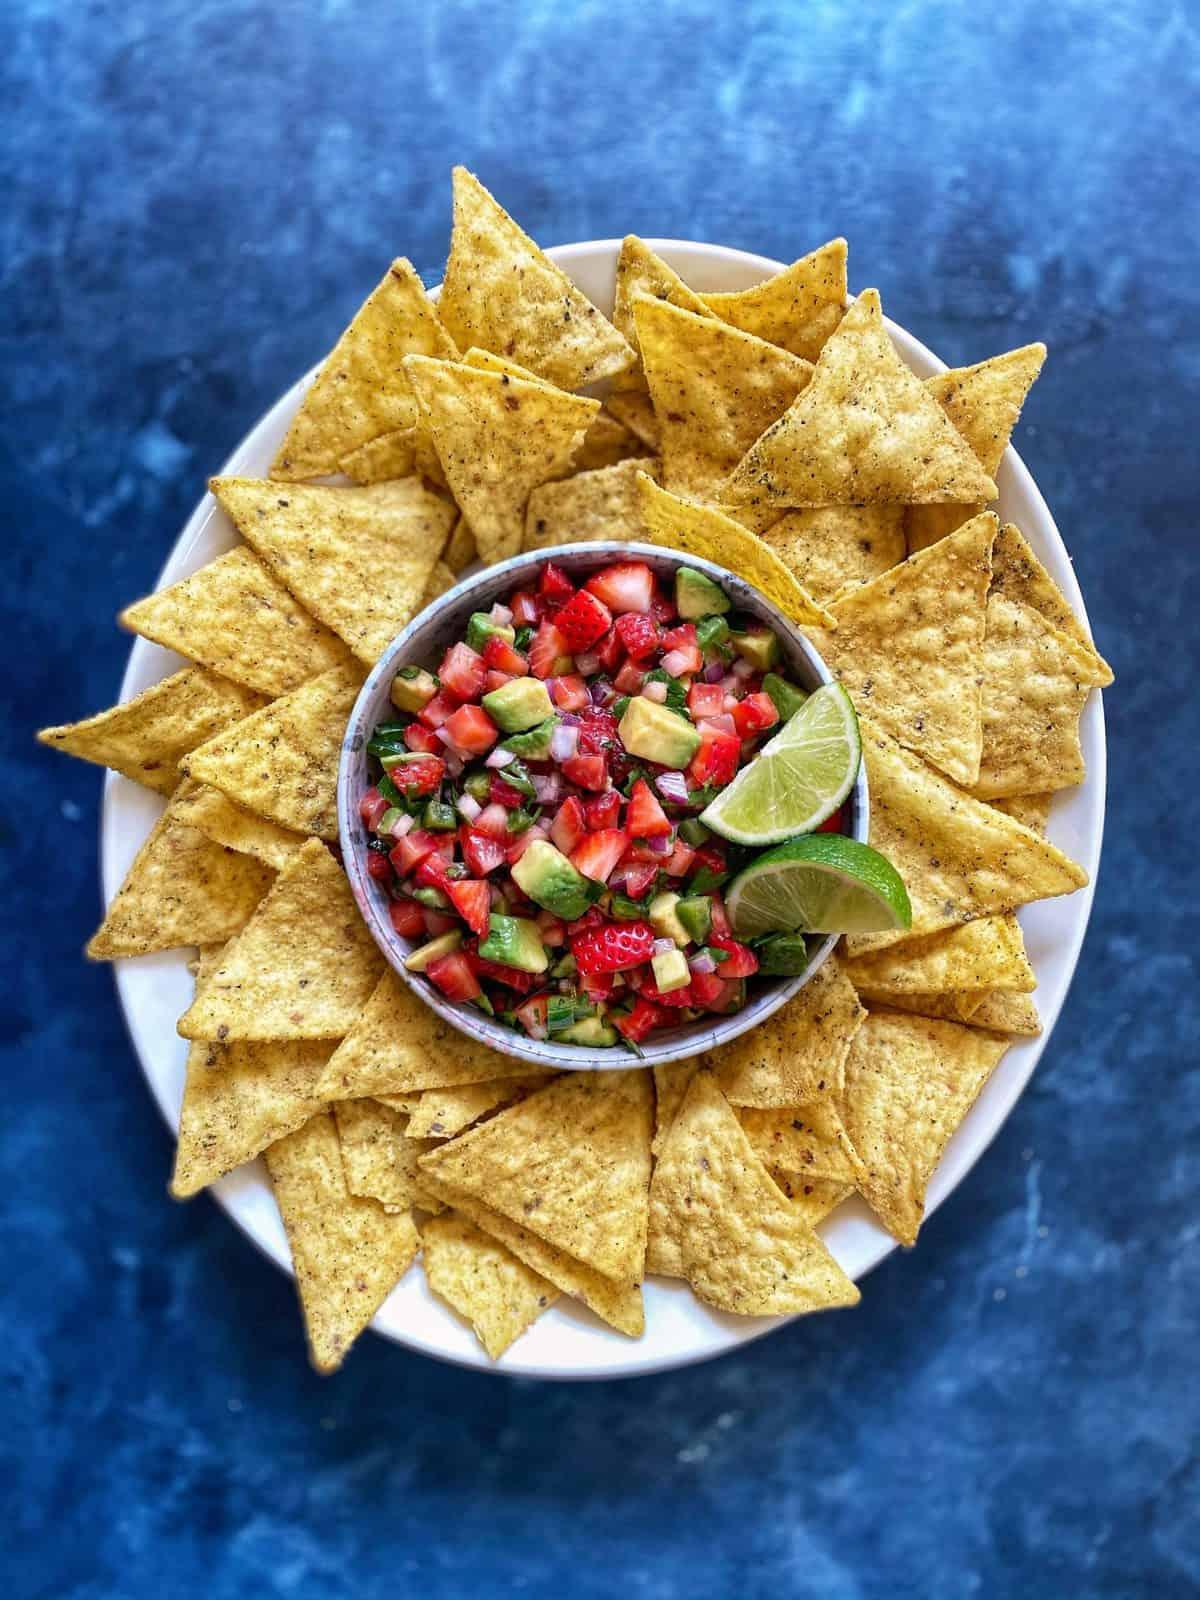 Strawberry Avocado Salsa: Sarah of The Delicious Life